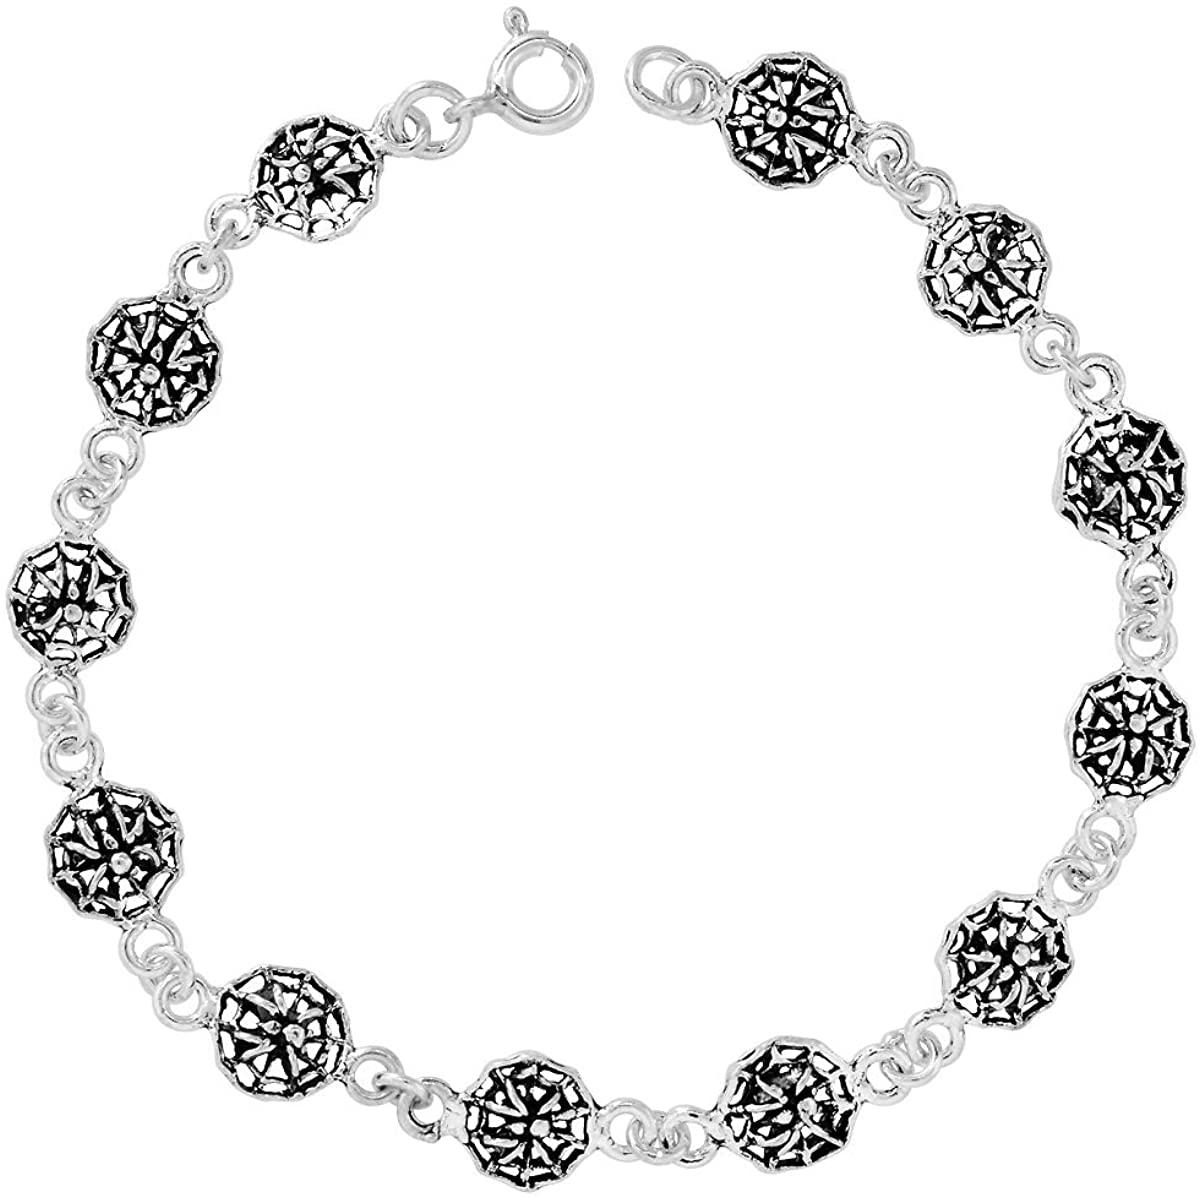 Sterling Silver Spider And Web Link Bracelet